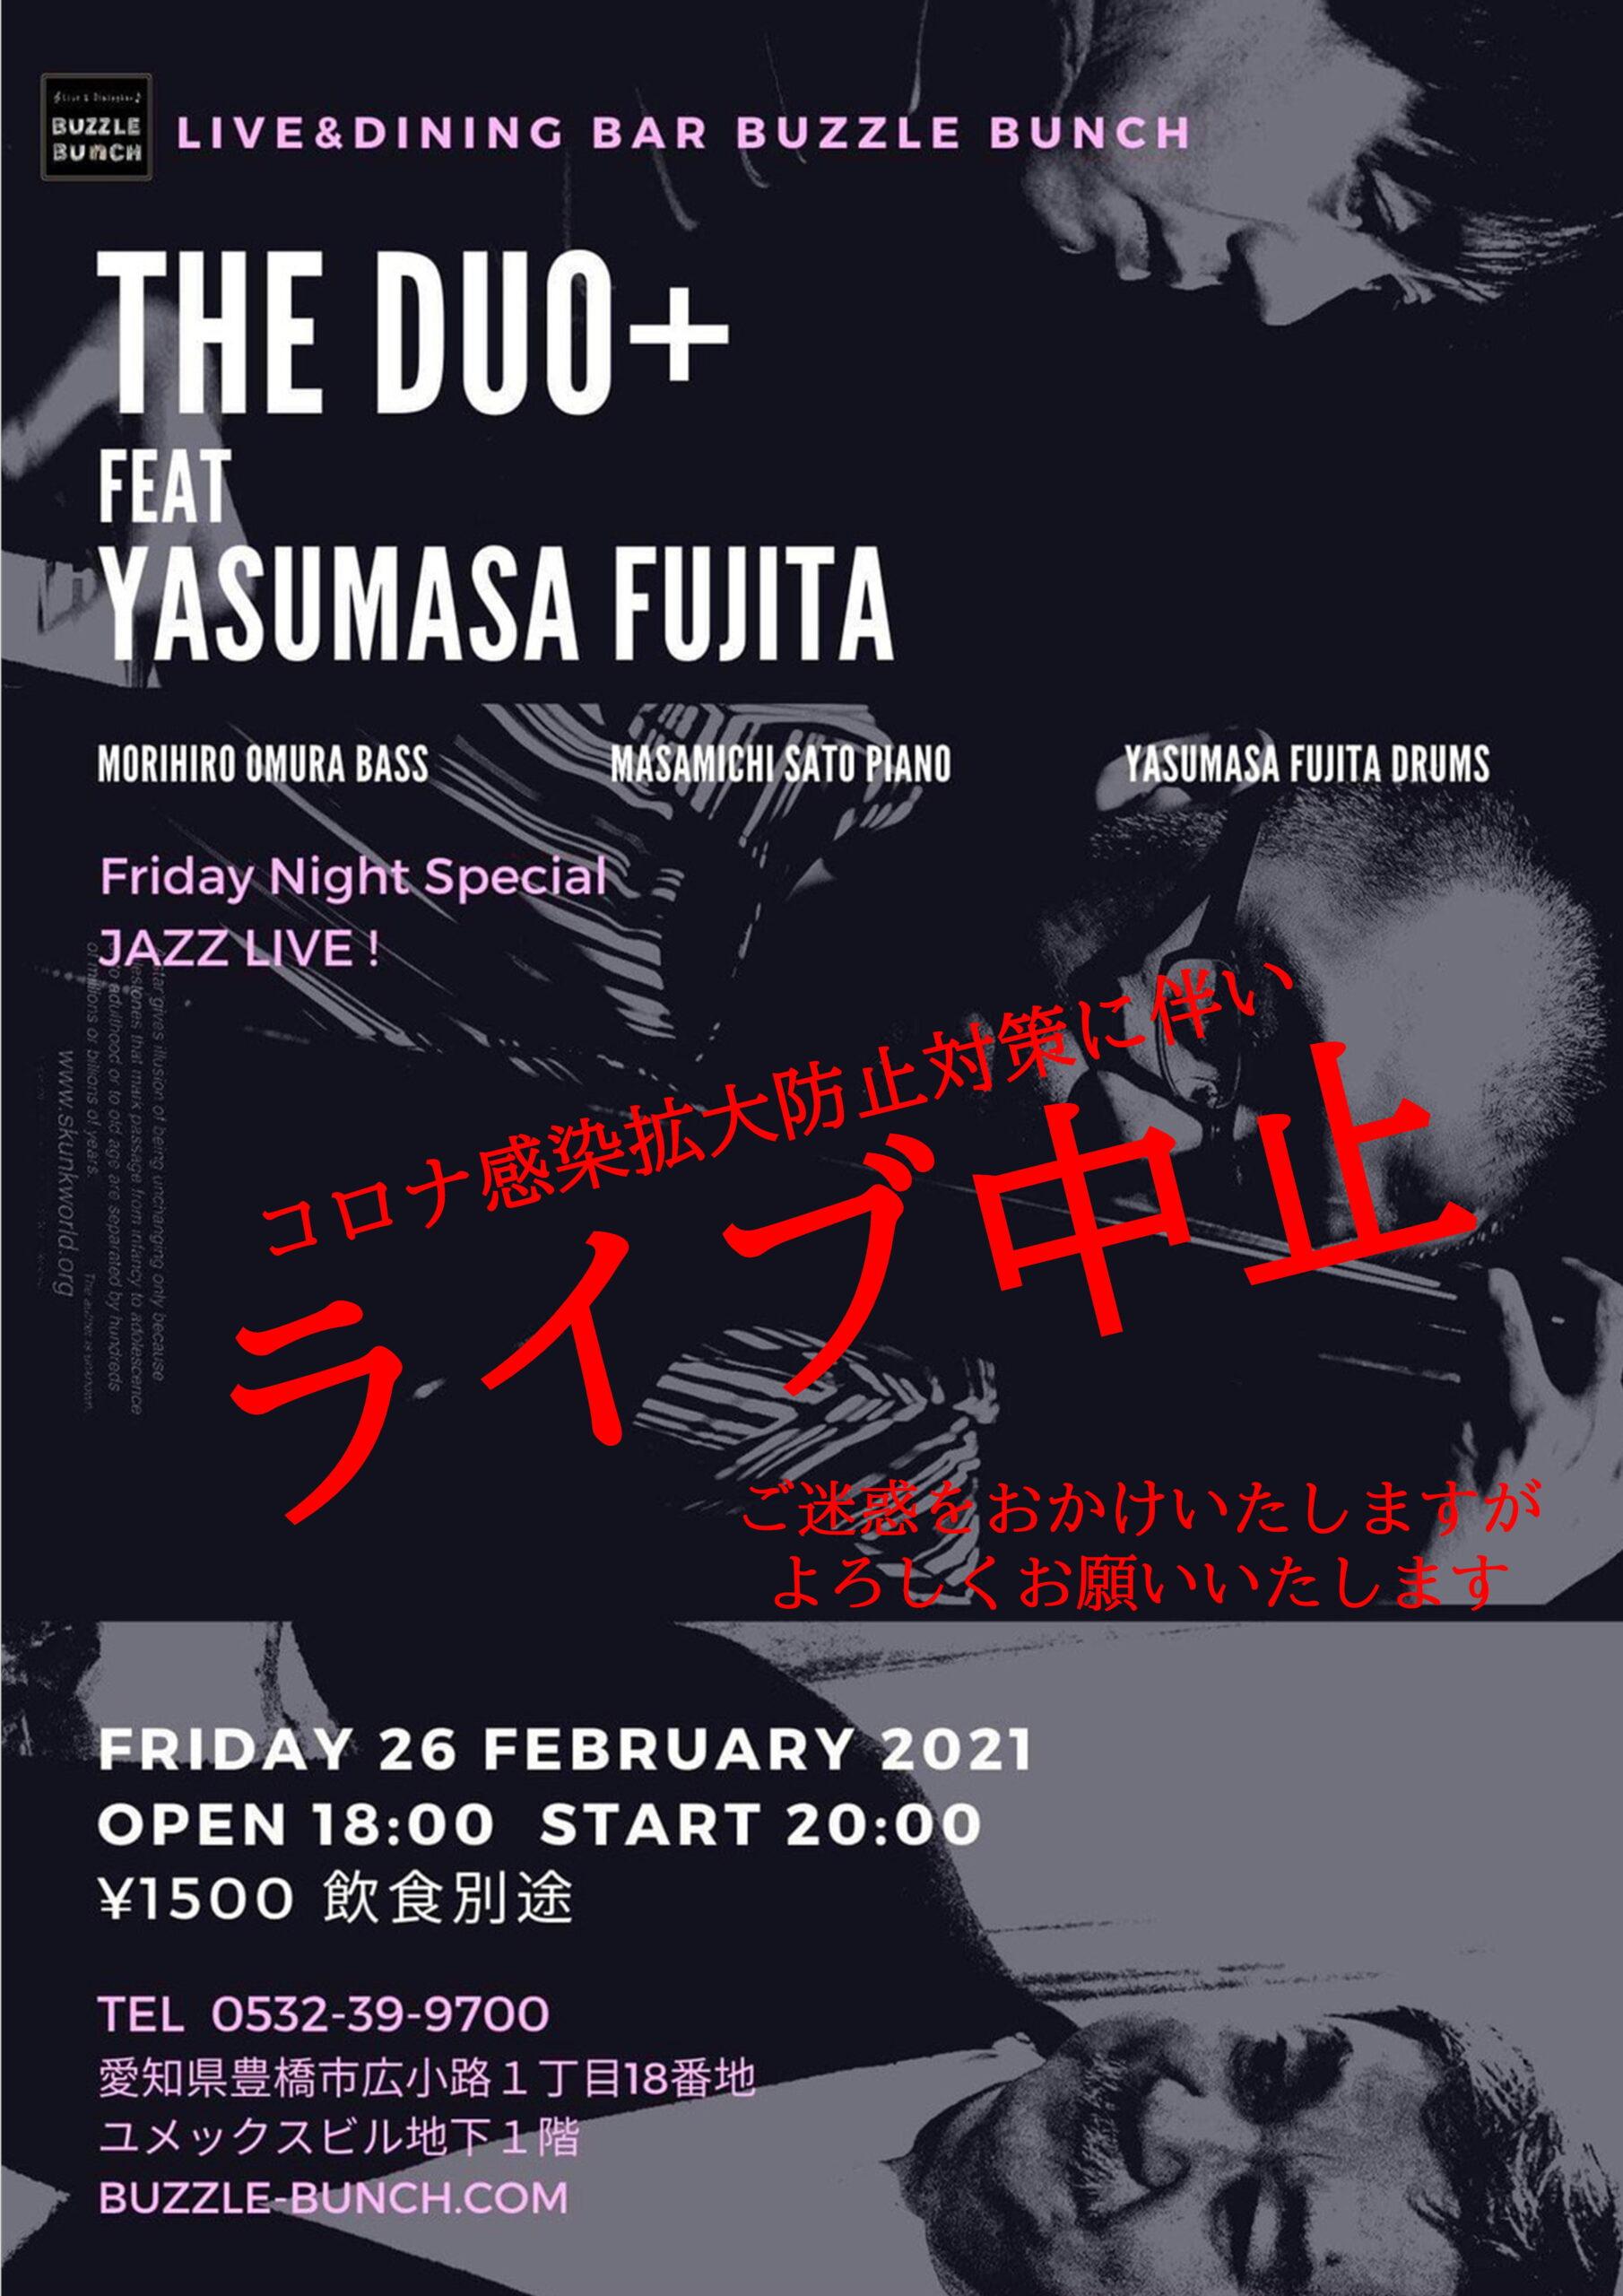 2021年2月26日(金) THE DUO  FEAT  YASUMASA FUJITA ライブ中止のお知らせ